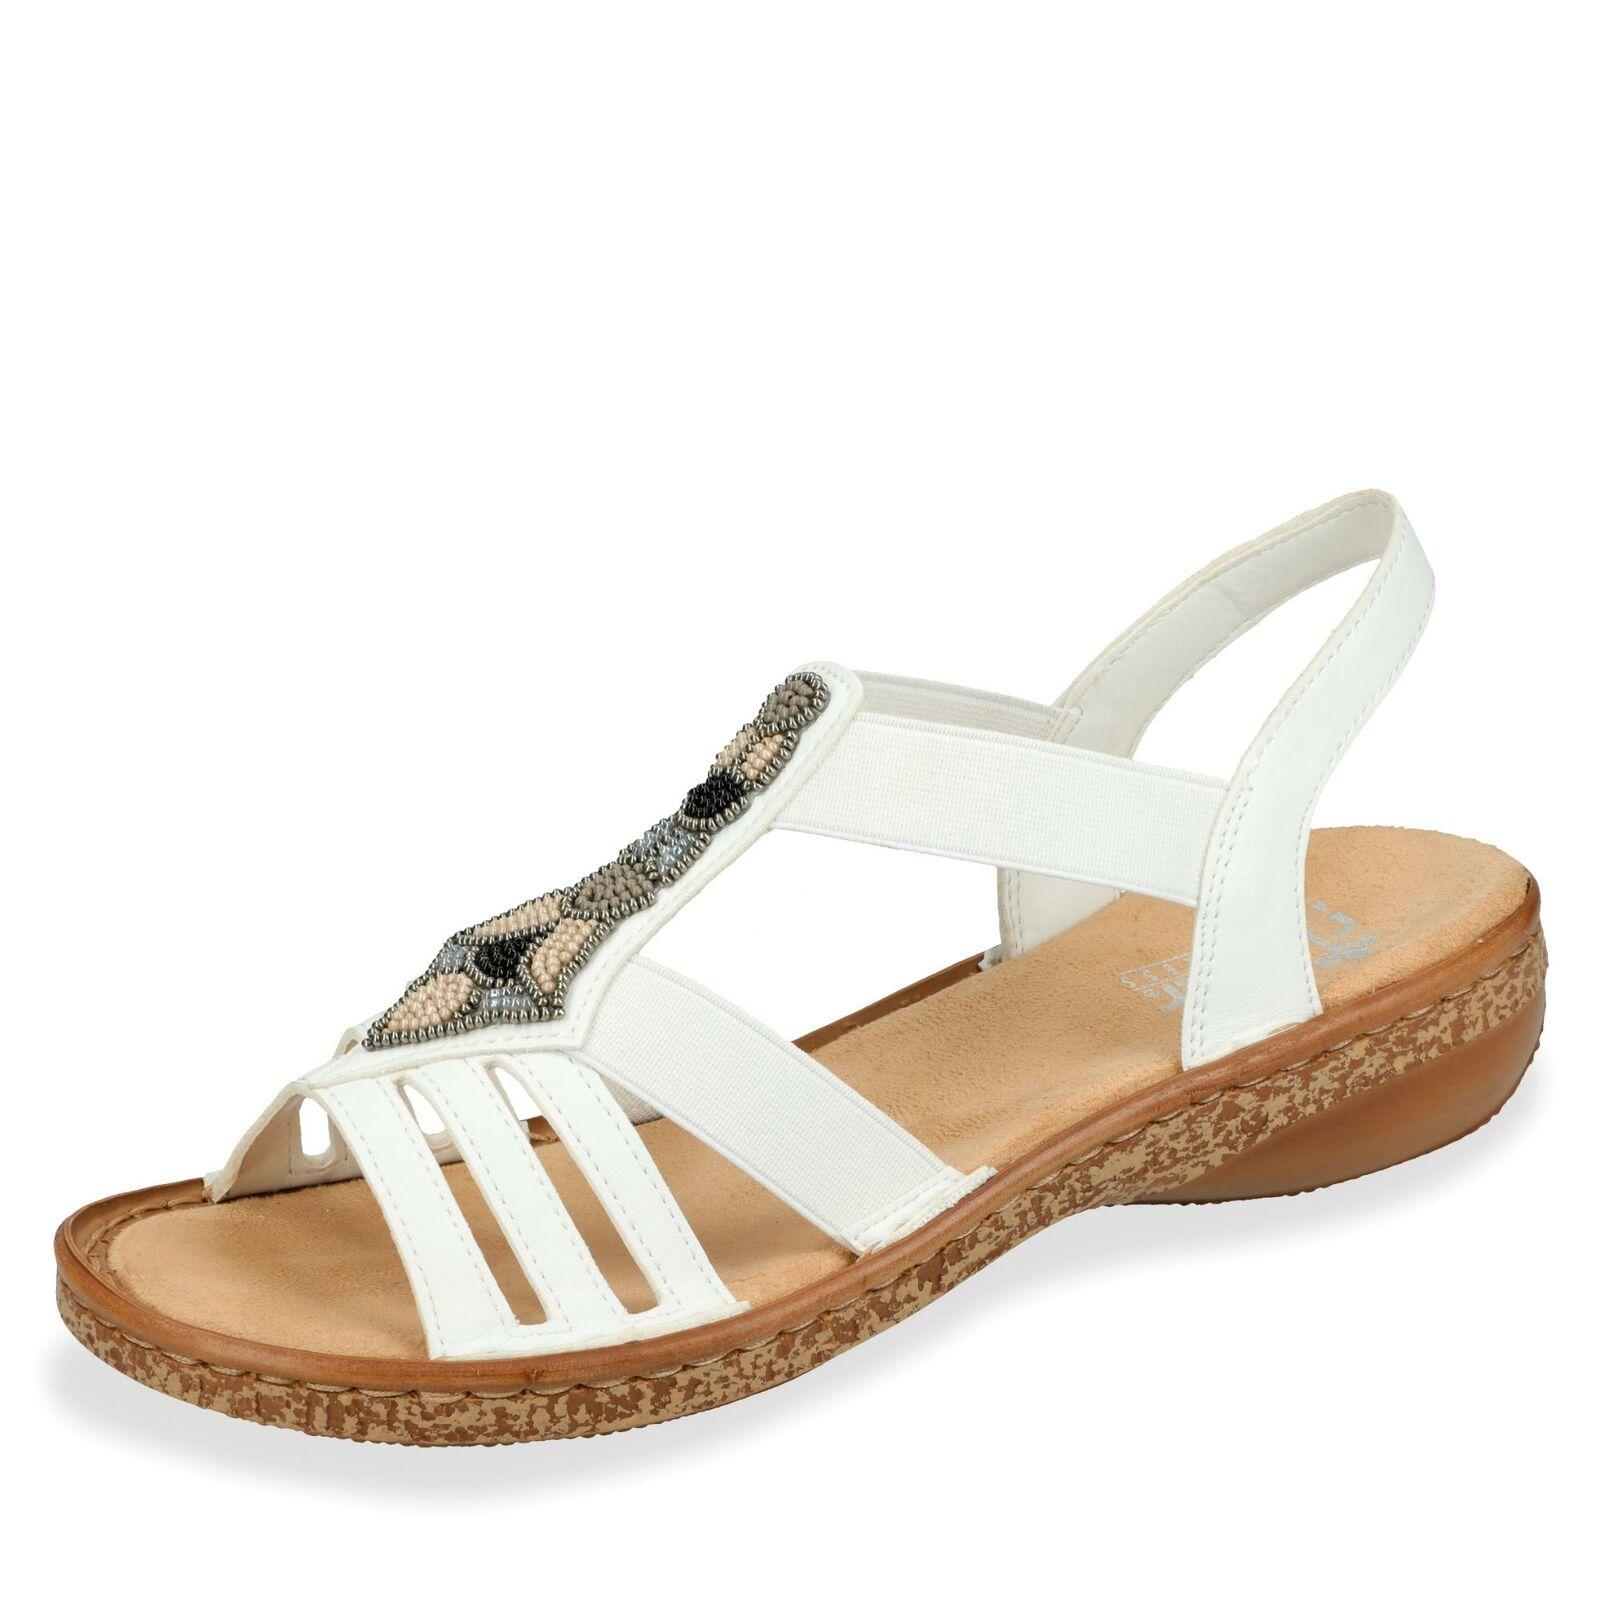 Rieker Damen Sandale Sandalette Riemchensandale Schlupfschuh Sommer Schuhe weiß